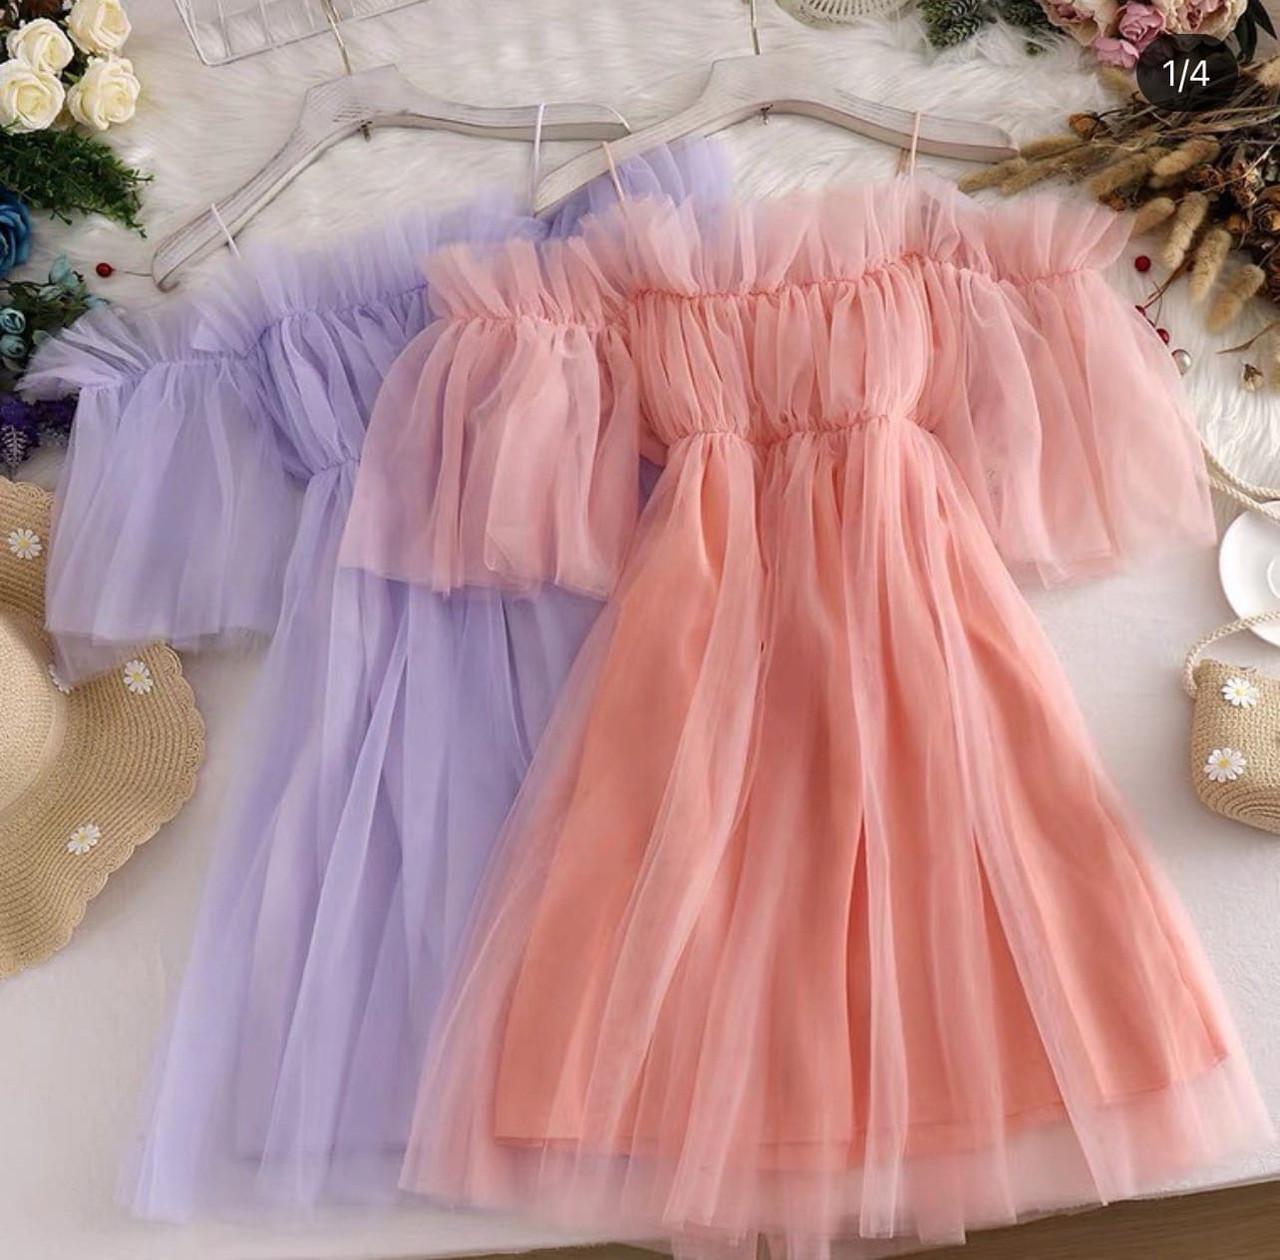 Женское платье, супер софт + фатиновая евро сетка, р-р 42-44; 44-46 (персиковый)